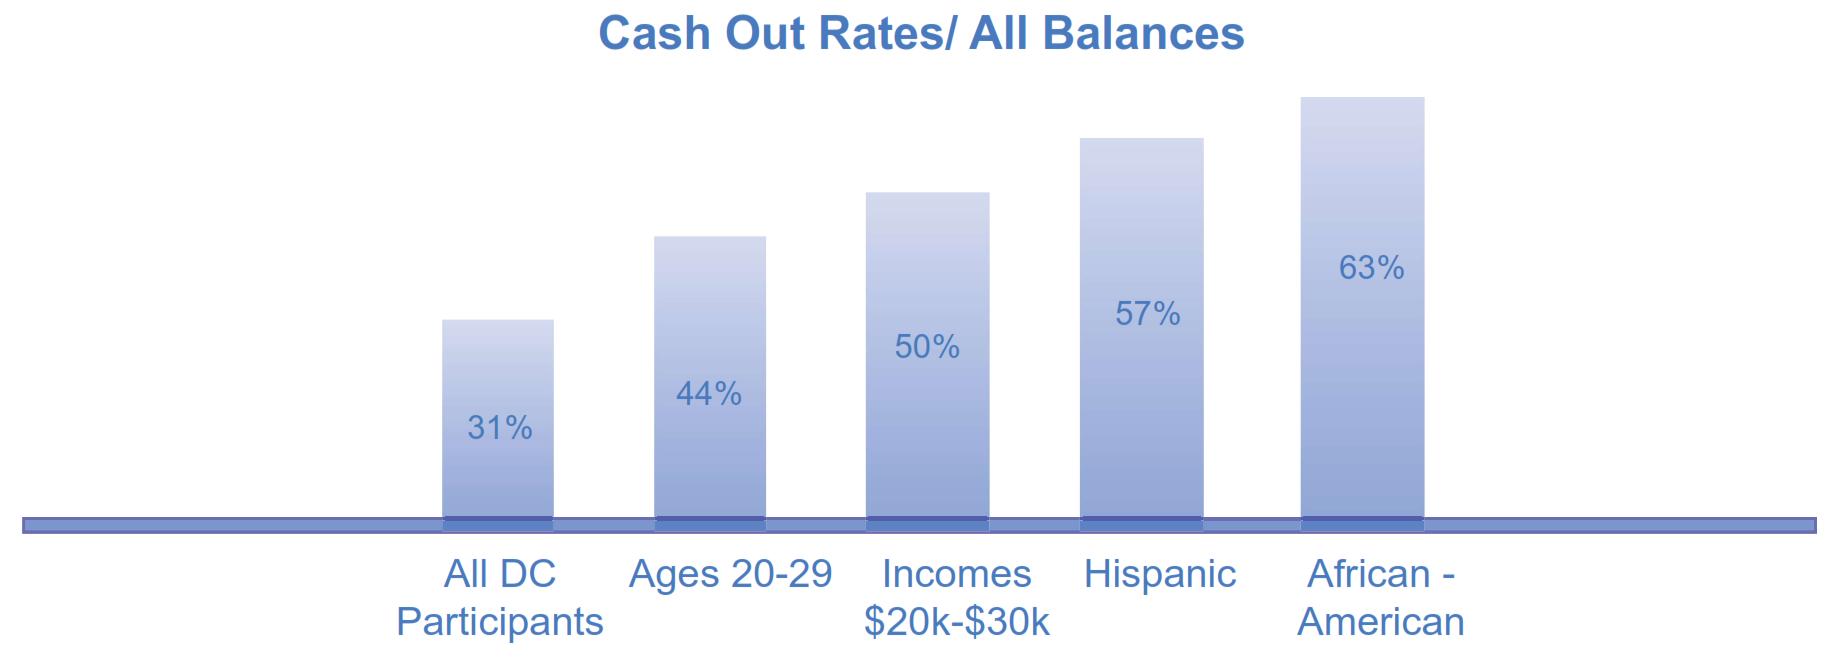 Cash Out Rates All Balances Graph